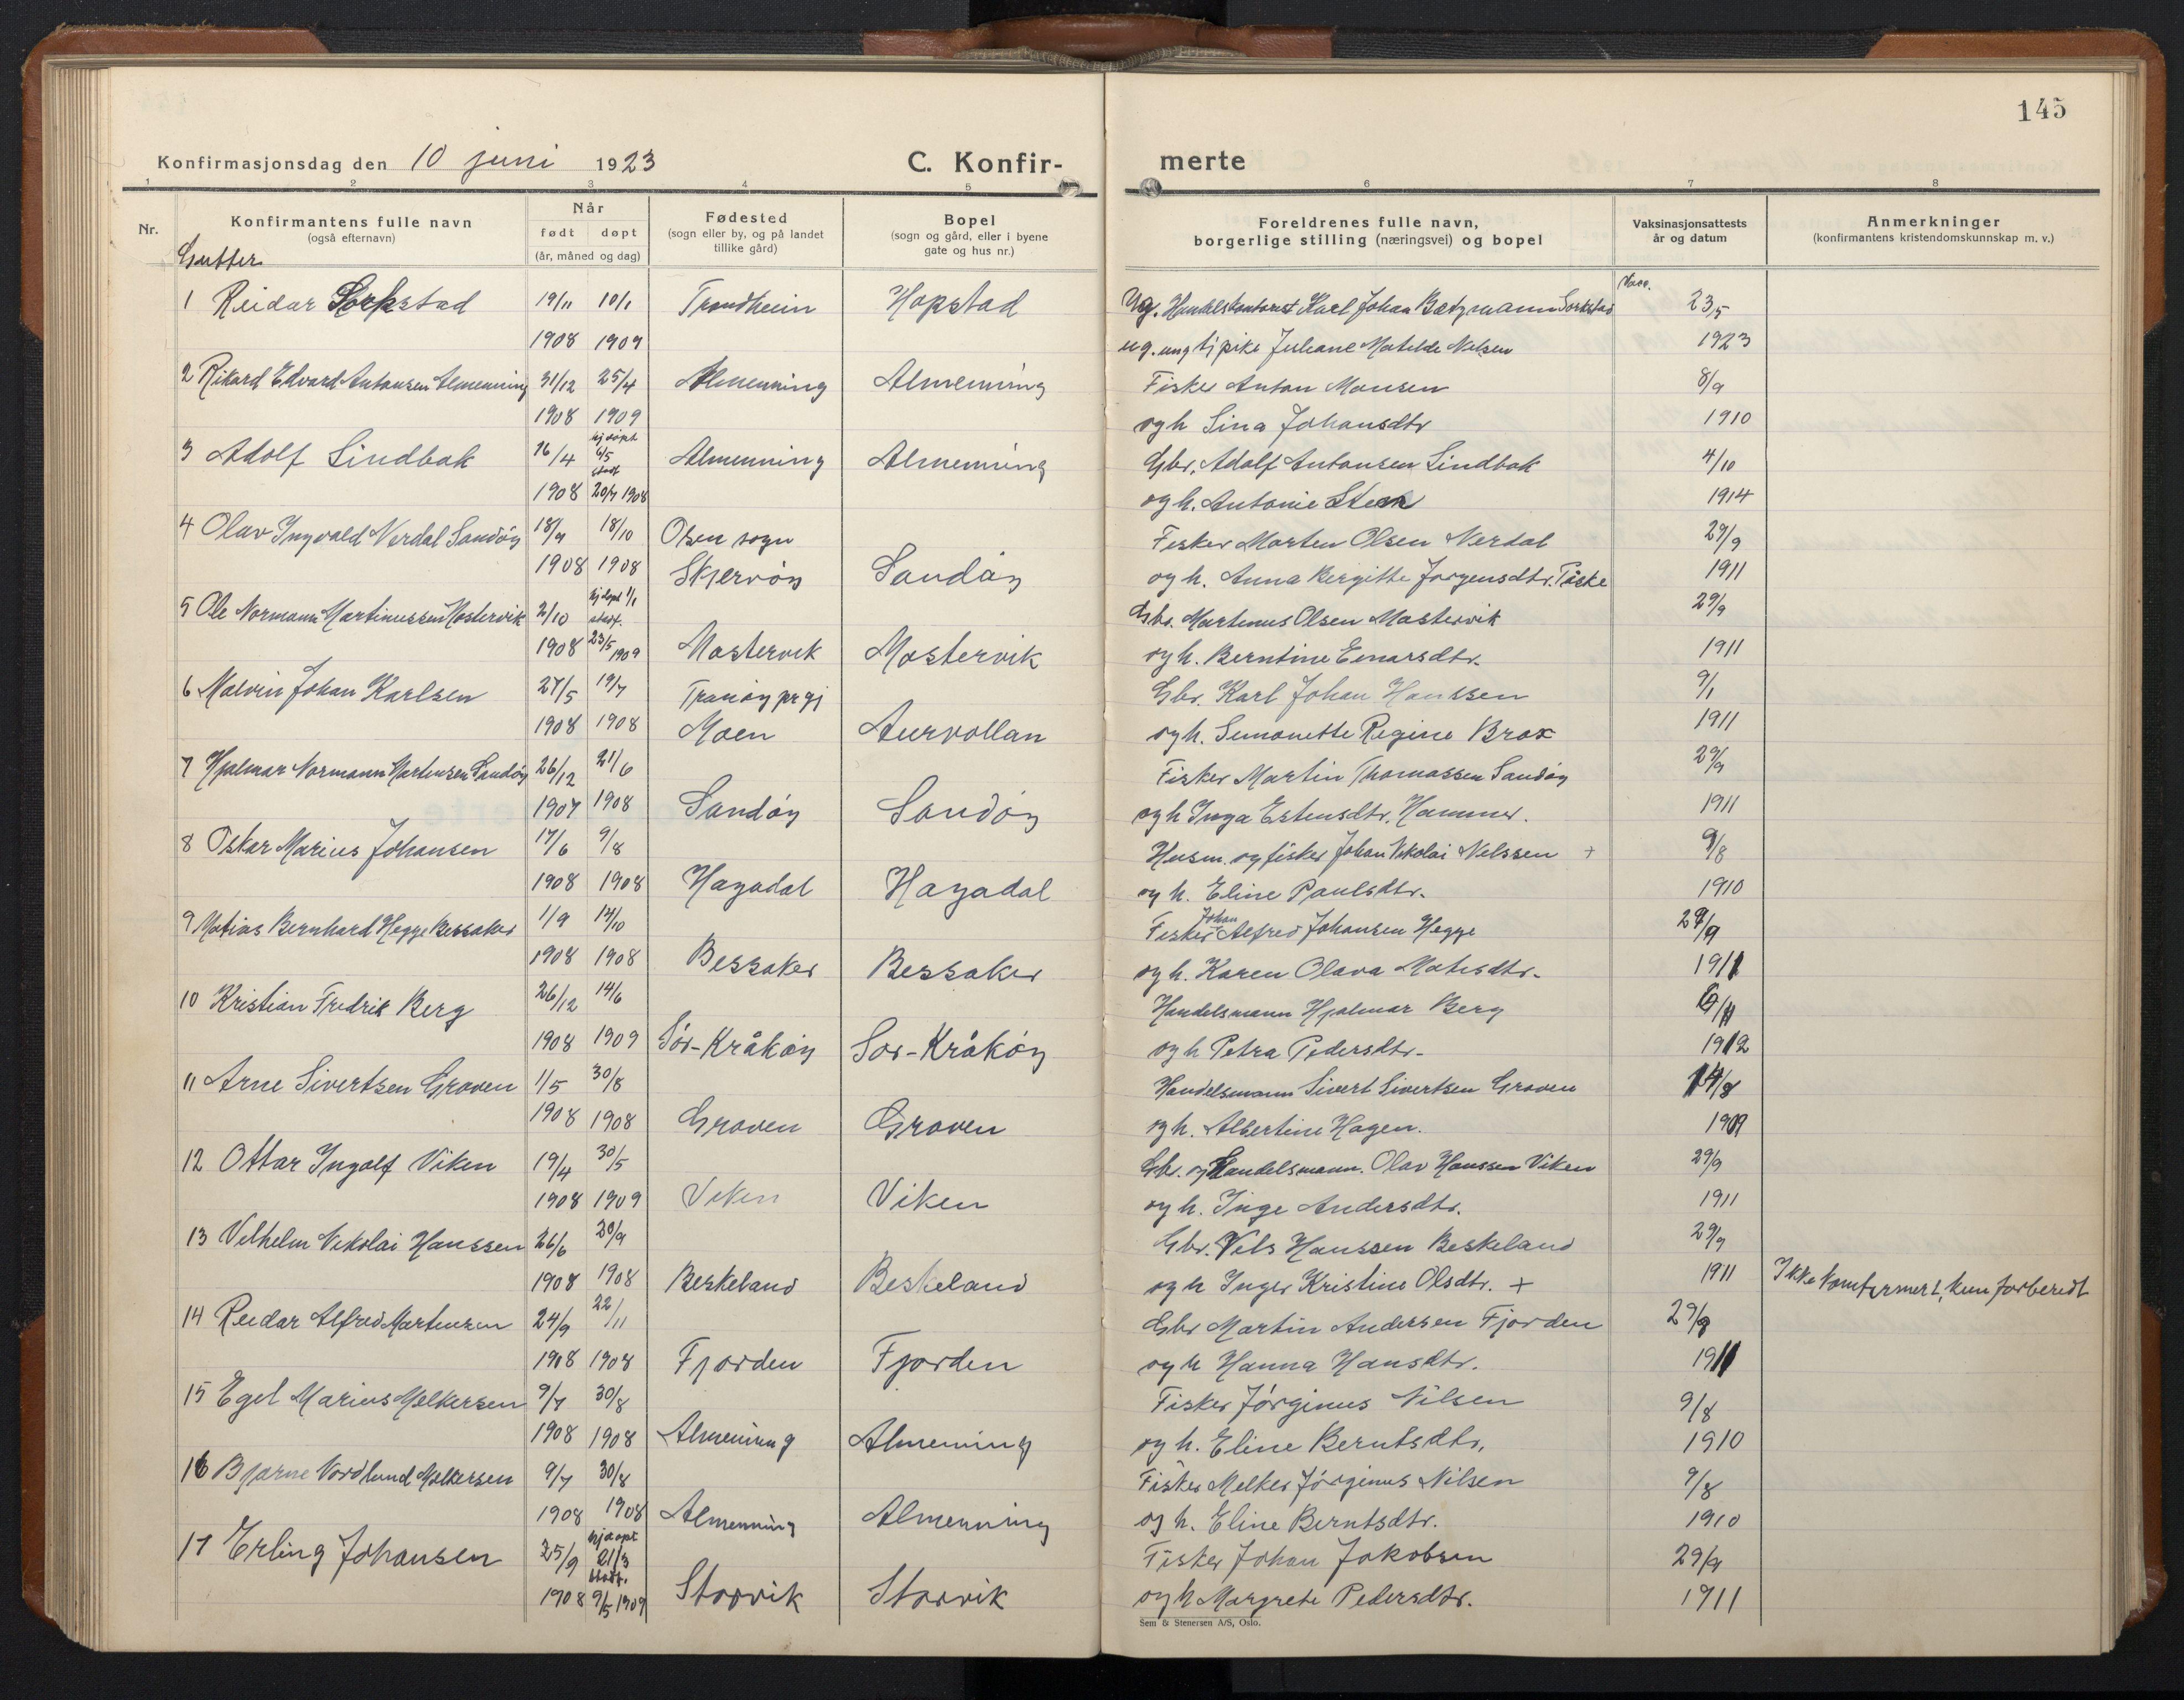 SAT, Ministerialprotokoller, klokkerbøker og fødselsregistre - Sør-Trøndelag, 657/L0718: Klokkerbok nr. 657C05, 1923-1948, s. 145